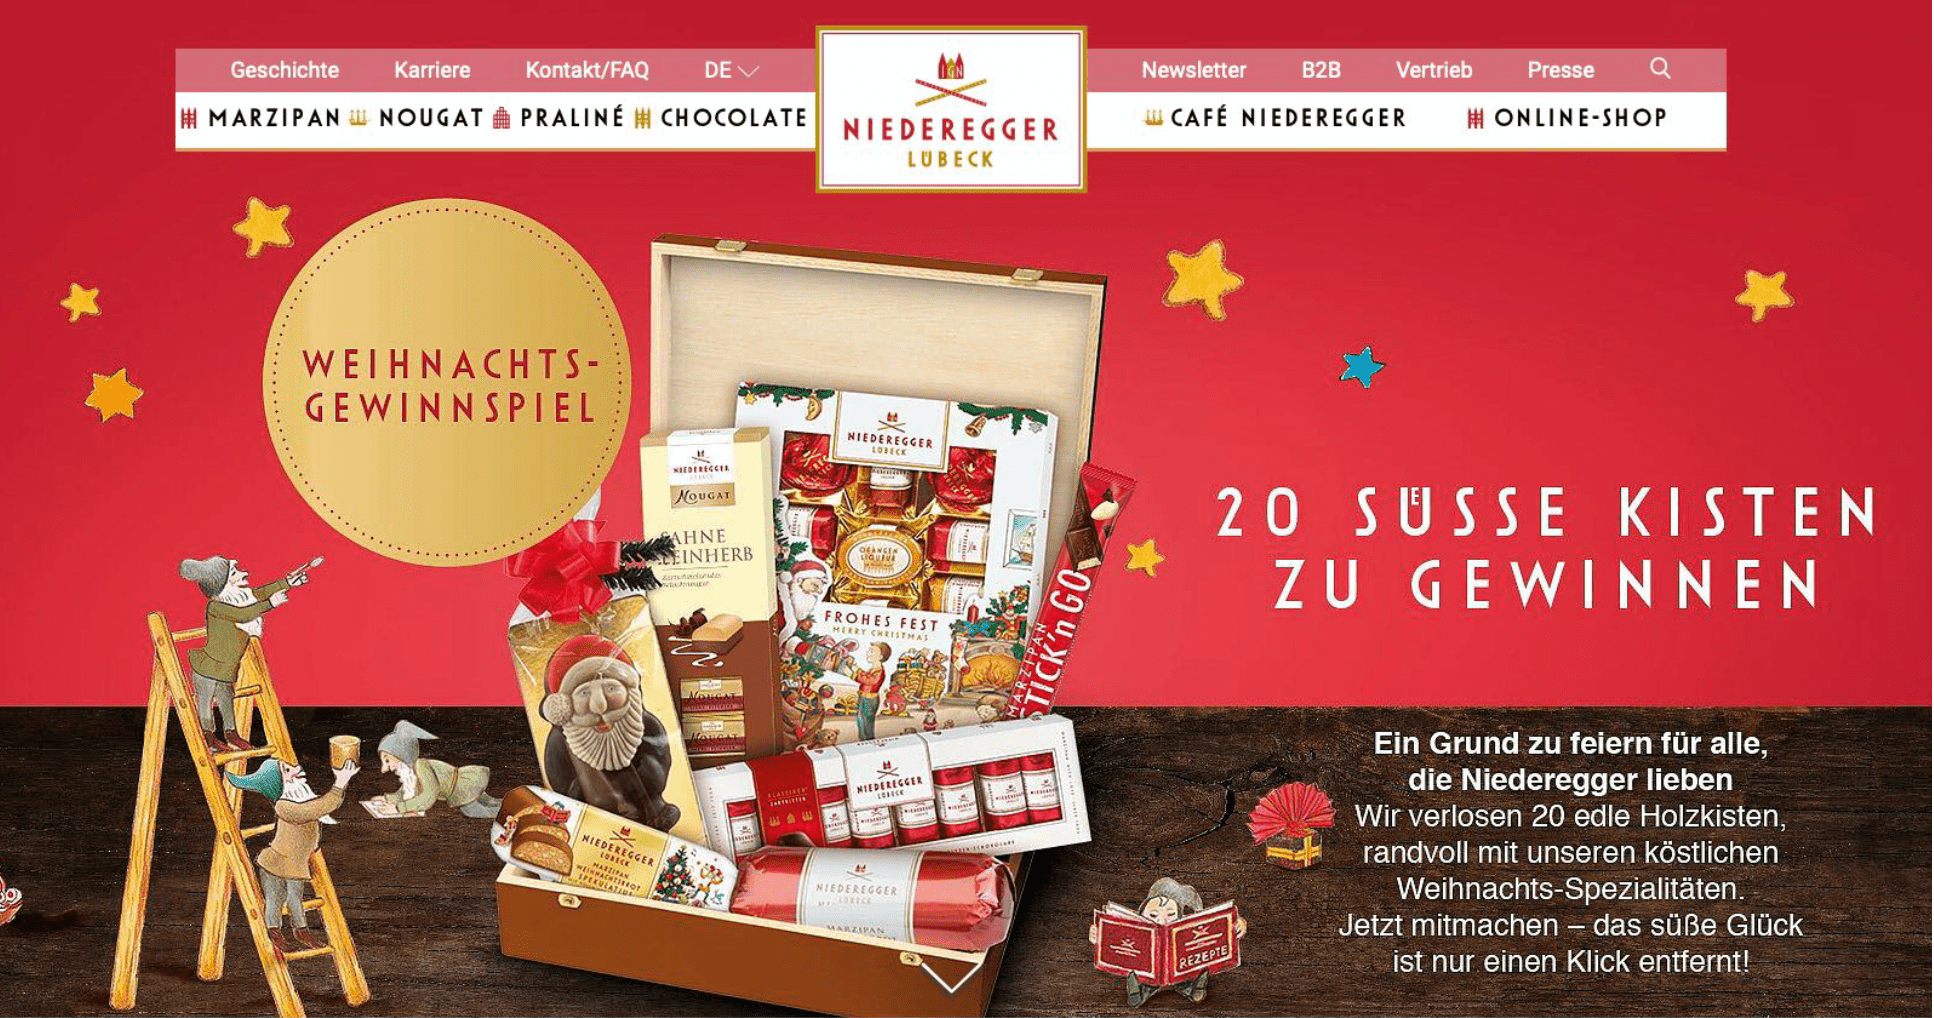 Gewinnspiel-Cases FMCG Süßwaren & Snacks Nierderegger